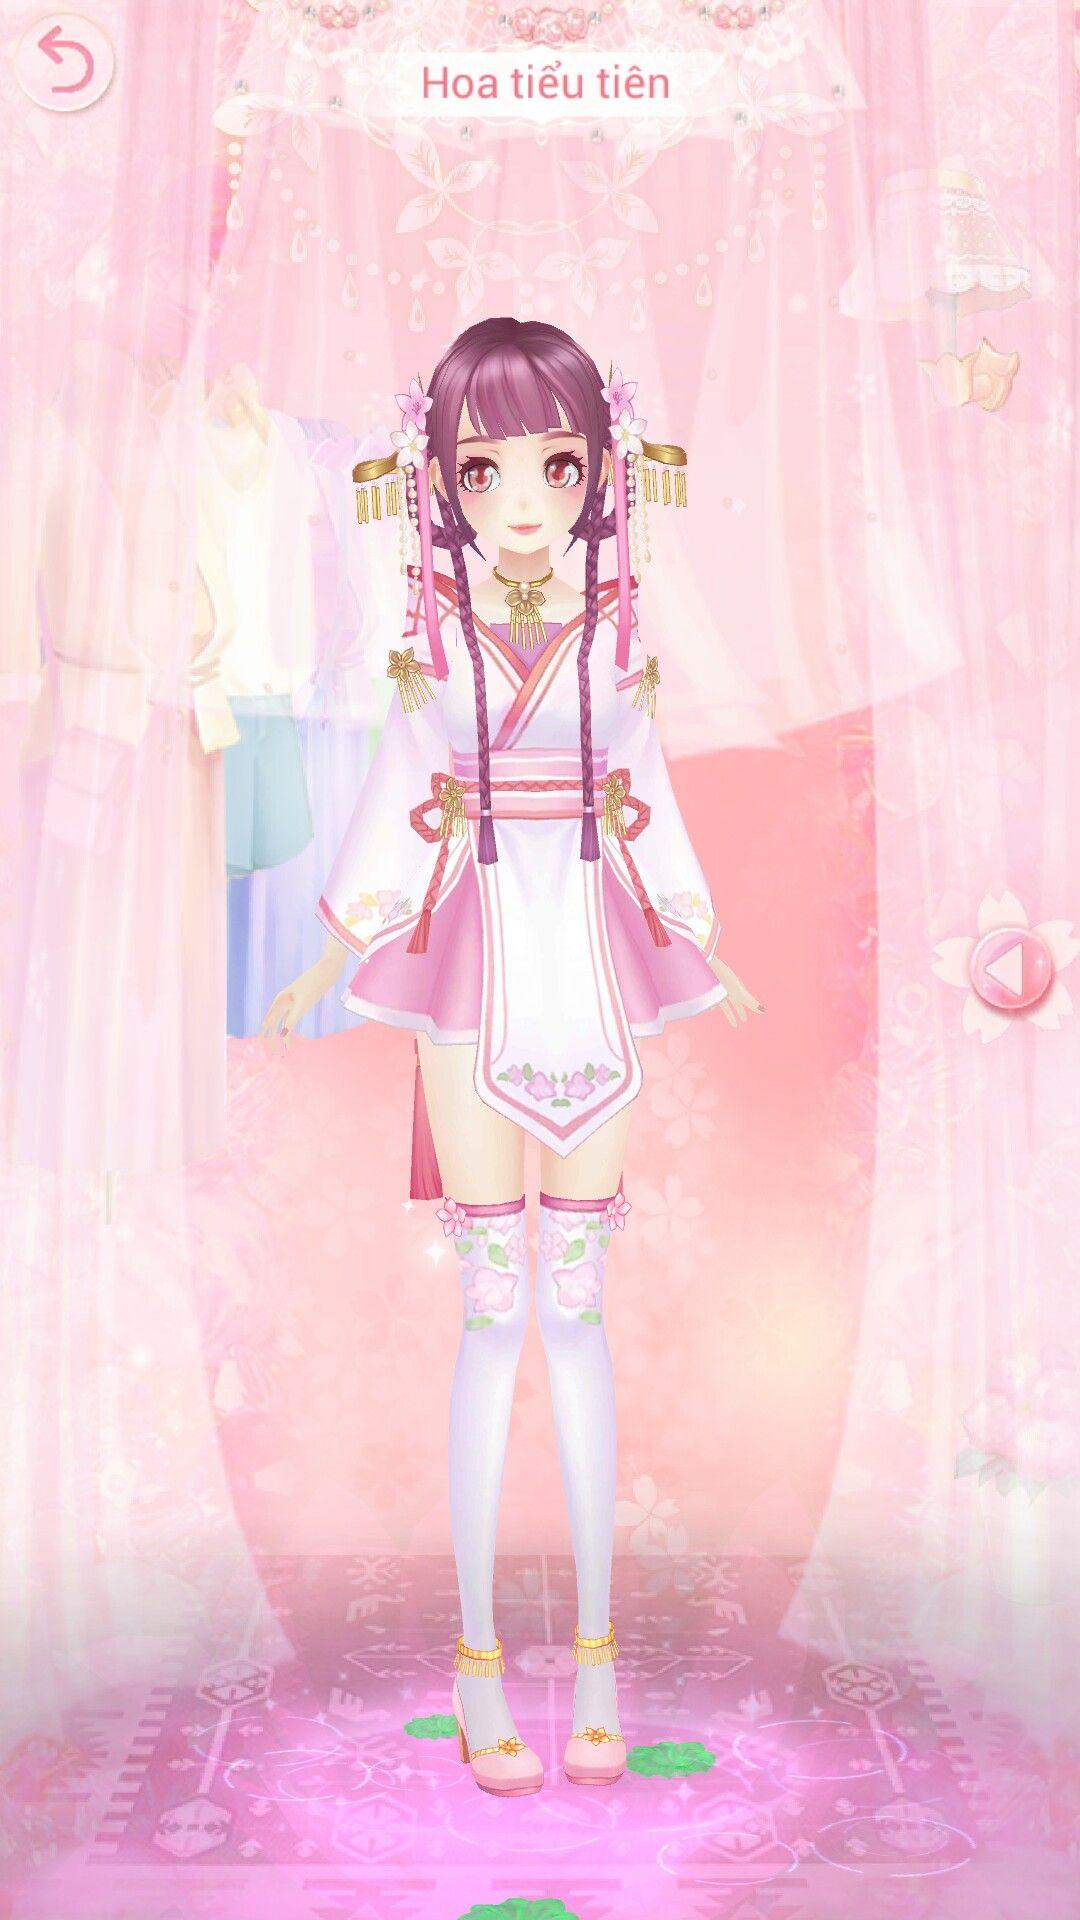 Game Học viện thời trang Alice 3D - Hoa tiểu tiên Ngôi Sao, Kimono,